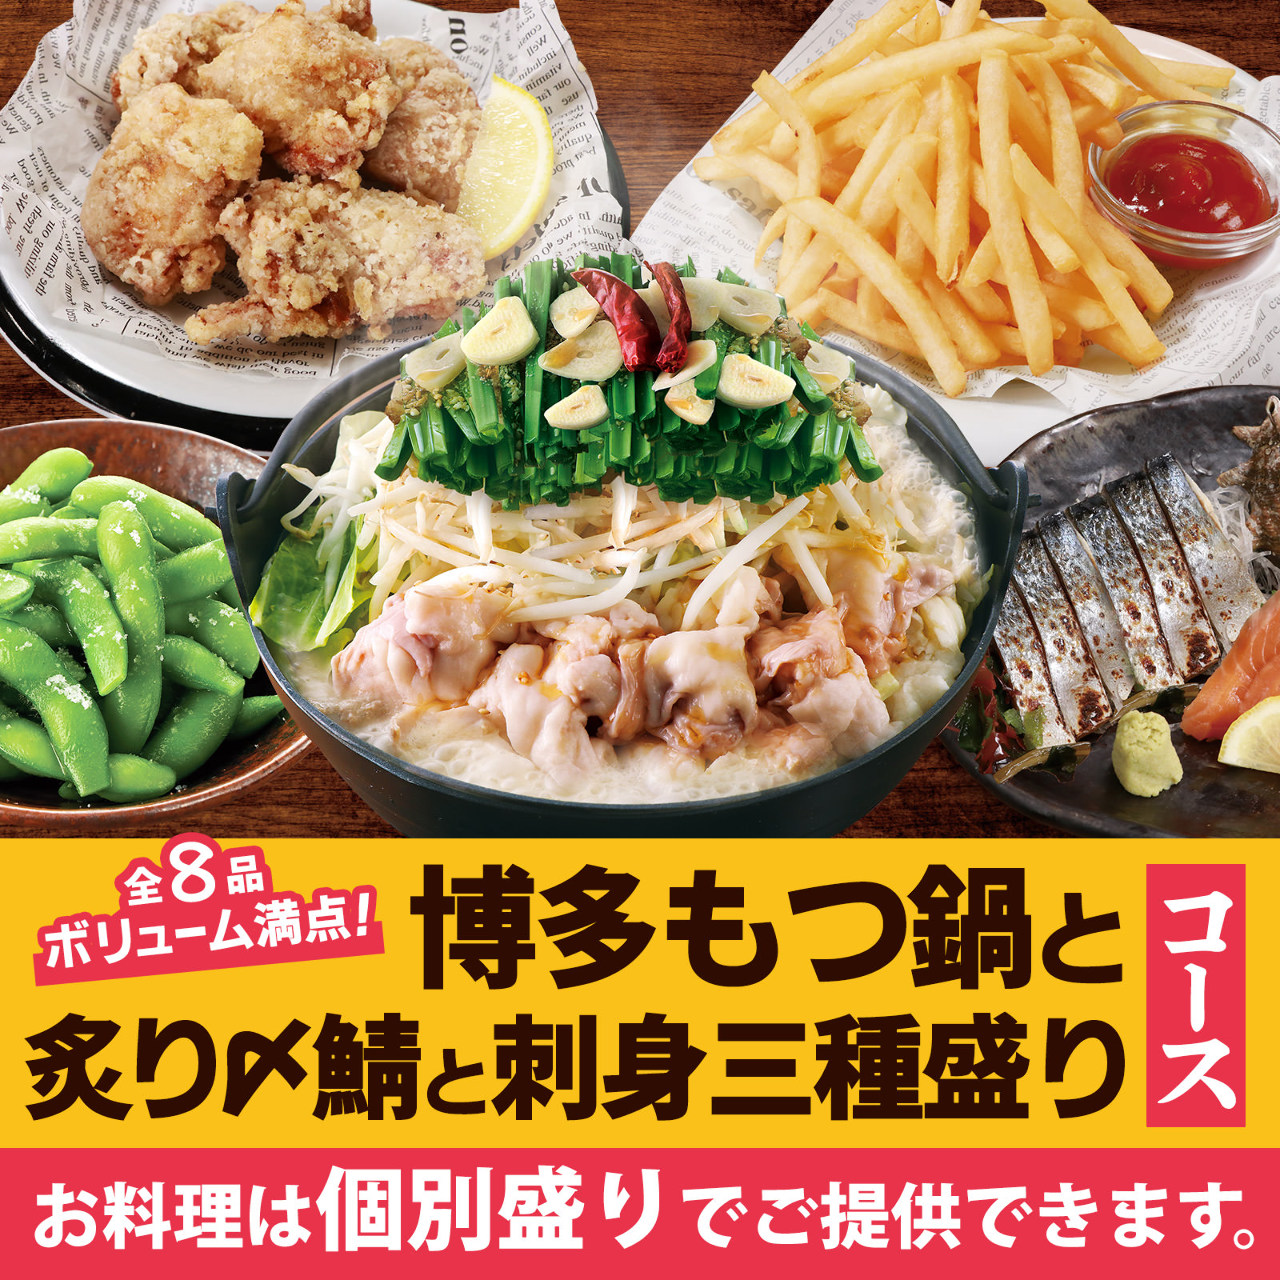 《4,000》炙り〆鯖刺身3種盛り合せともつ鍋食べ放題 ボリューム満点コース【8品】